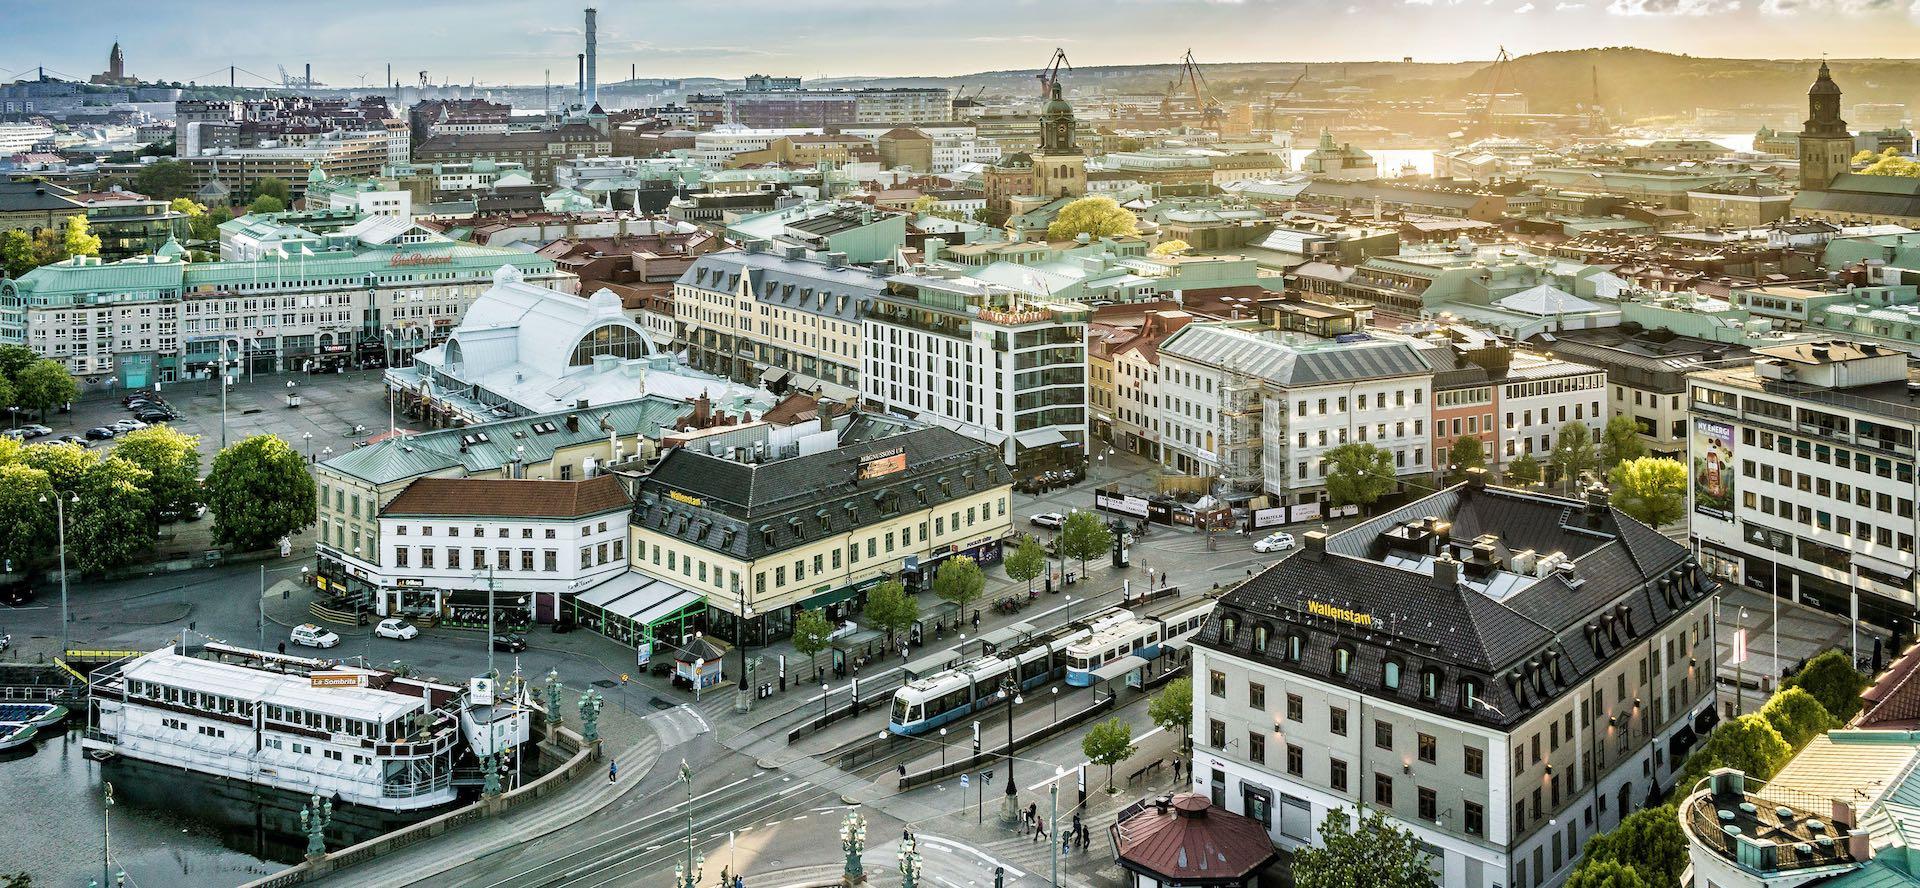 Background of Kungsportsplatsen a part of Gothenburg